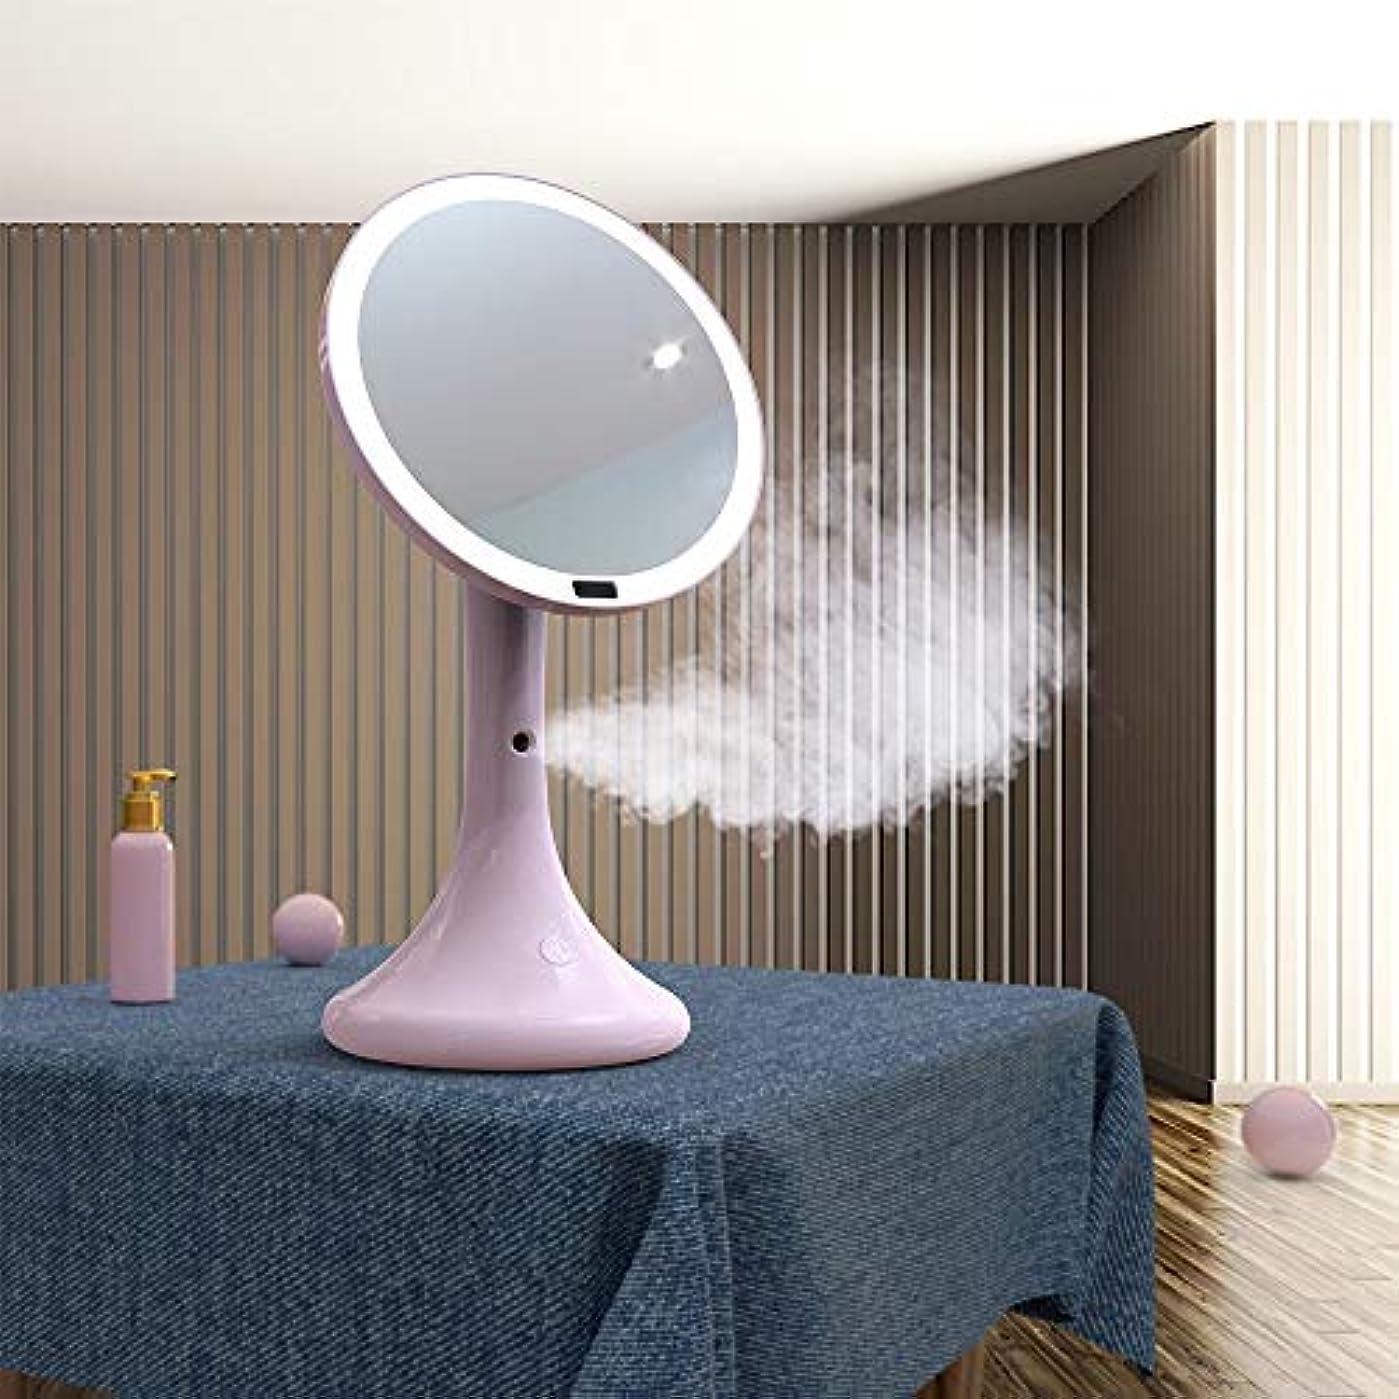 満足テスト名詞流行の スプレー水和LED化粧鏡インテリジェント人体誘導ランプミラーデスクトップ美容ミラー水和ABS素材ピンクセクションブルーセクション (色 : Pink)